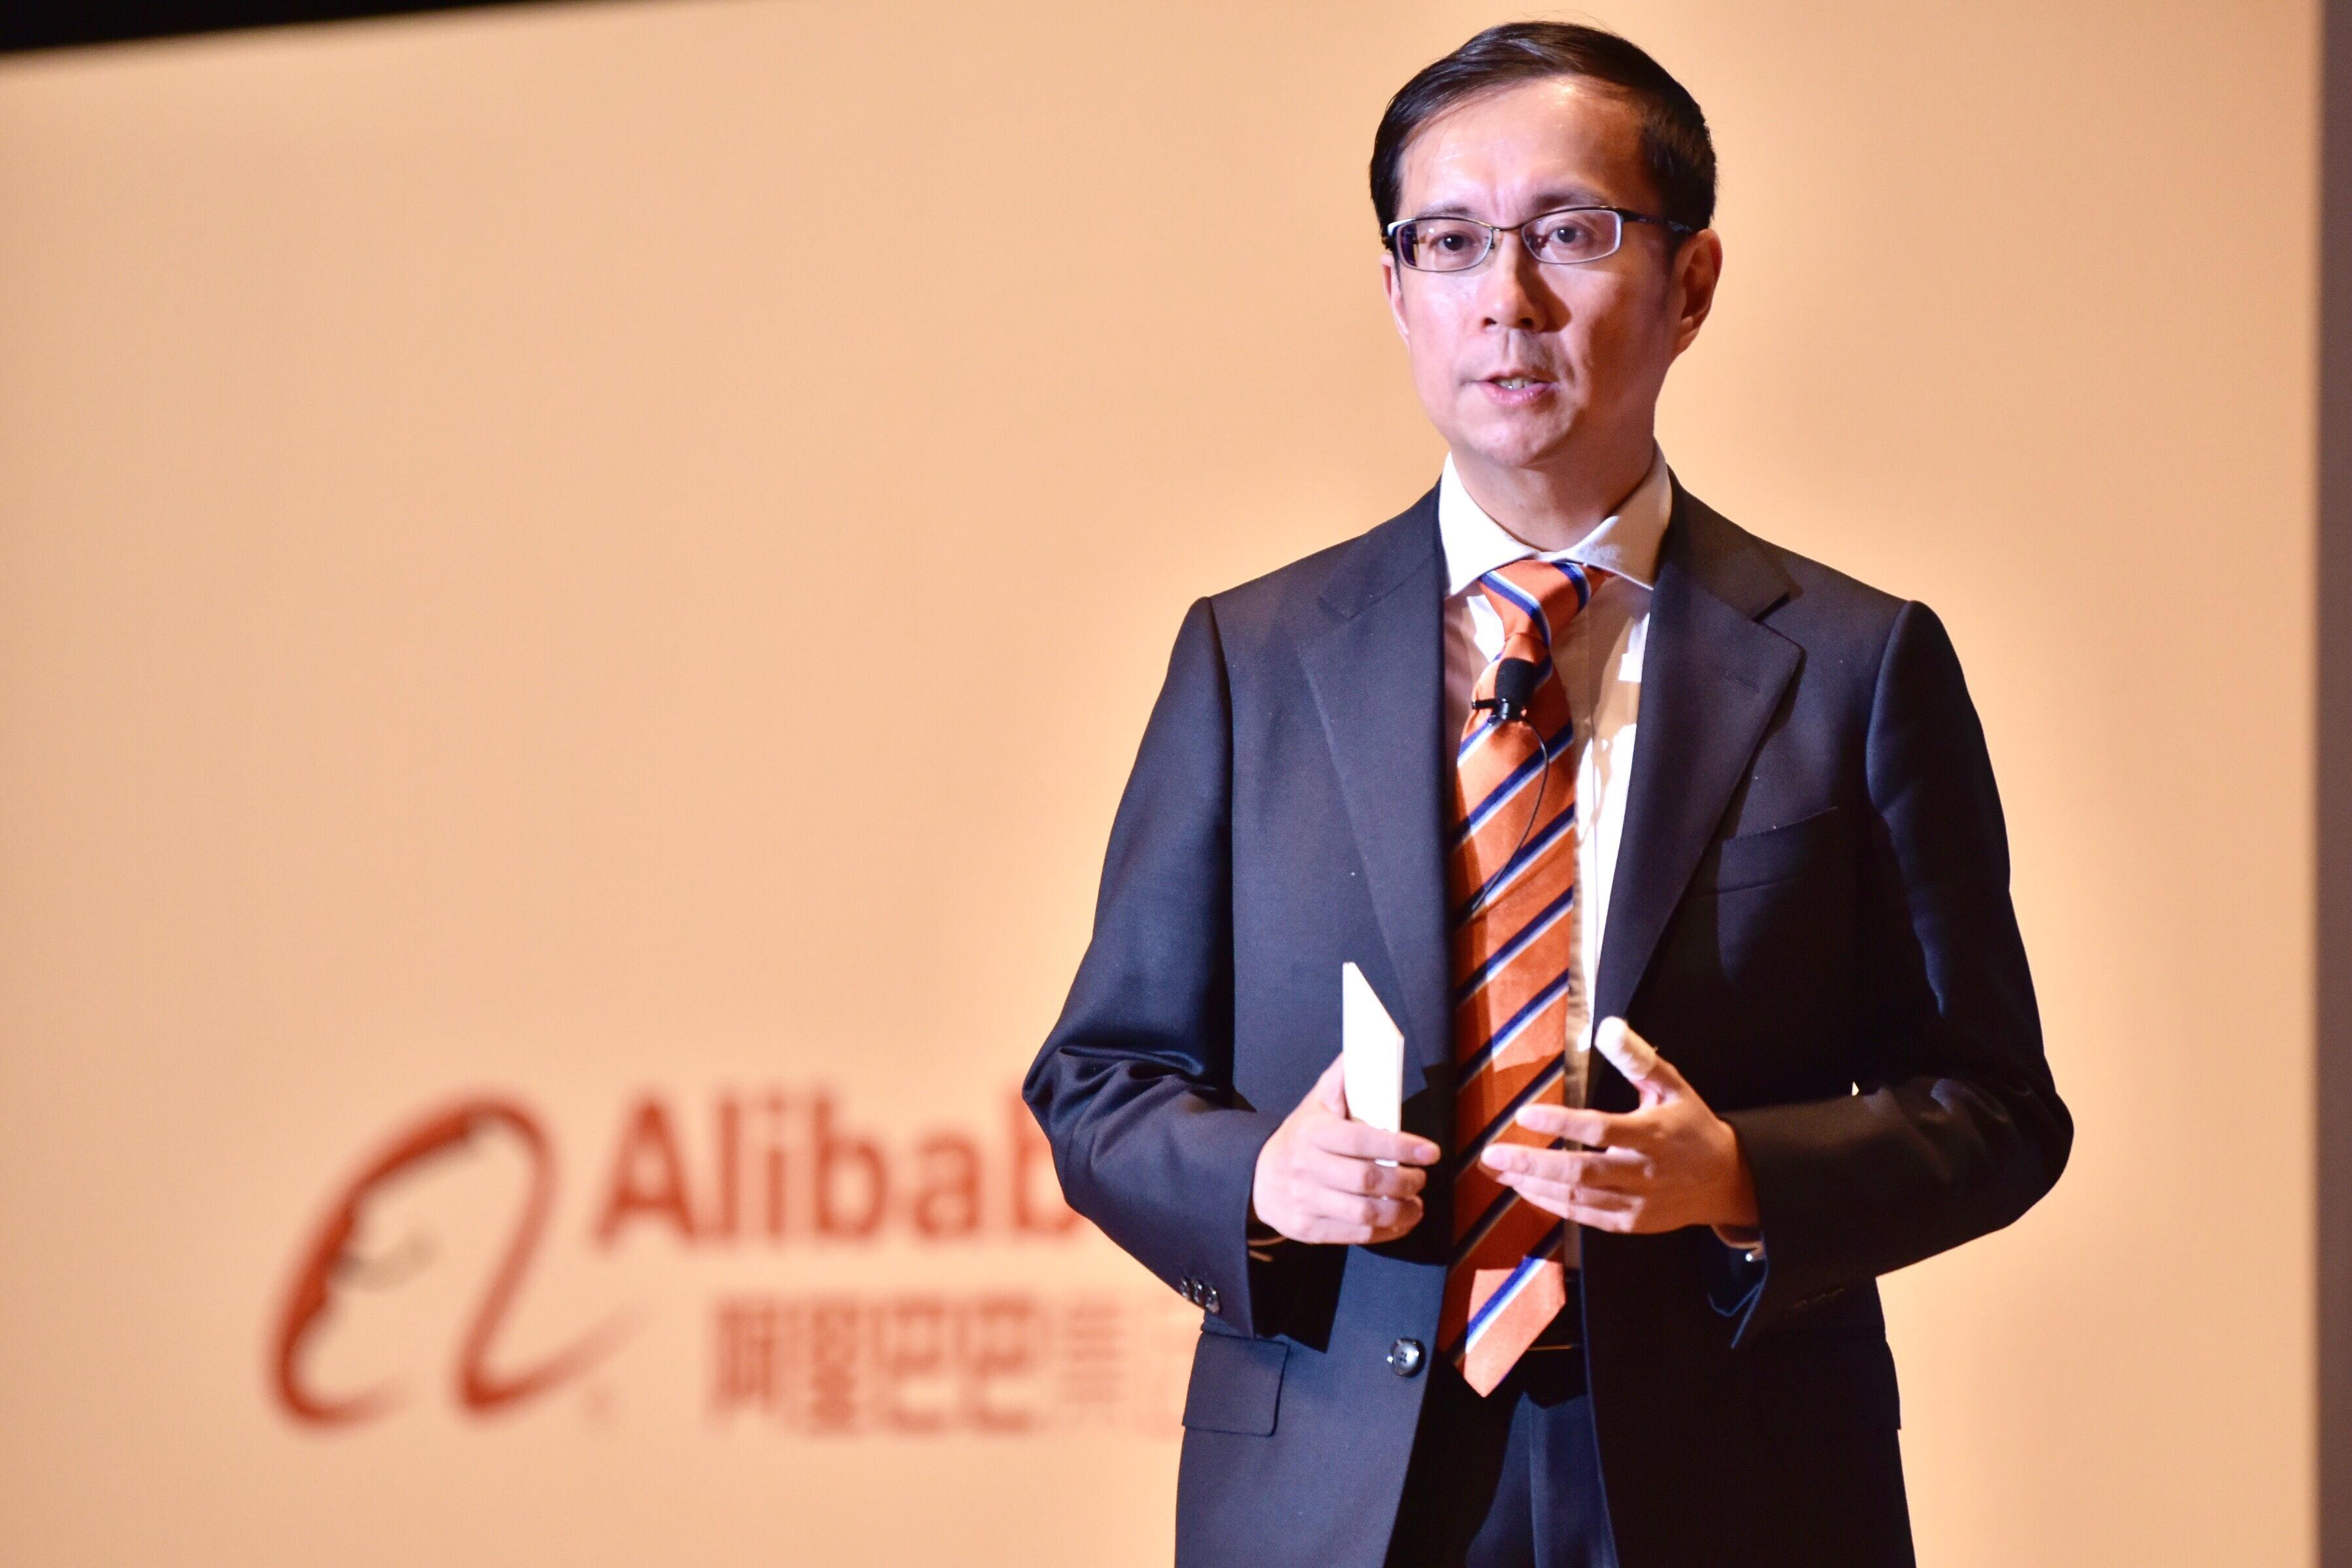 董事会主席张勇:争取五年内阿里平台消费规模实现10万亿